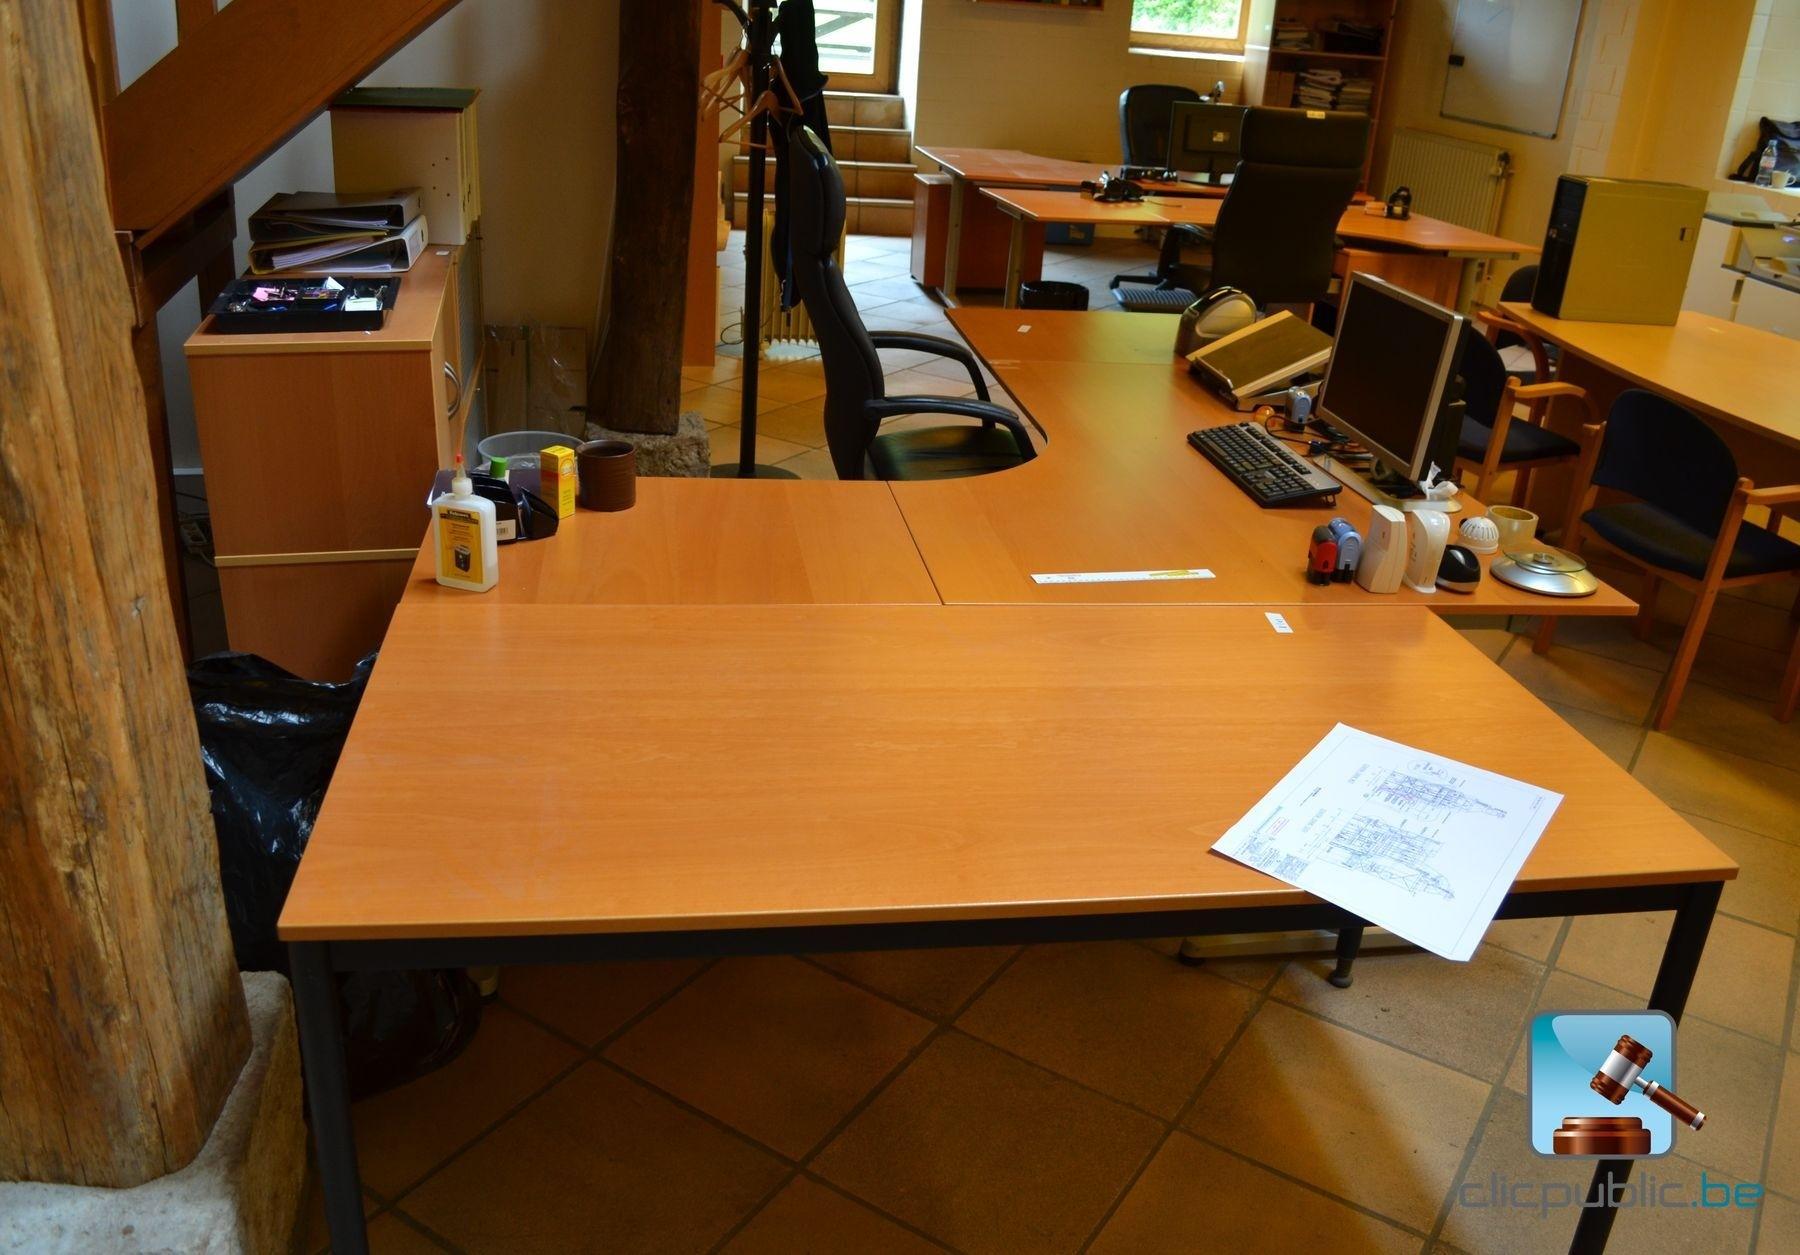 Mobilier bureau belgique maison design - Mobilier de bureau a vendre ...